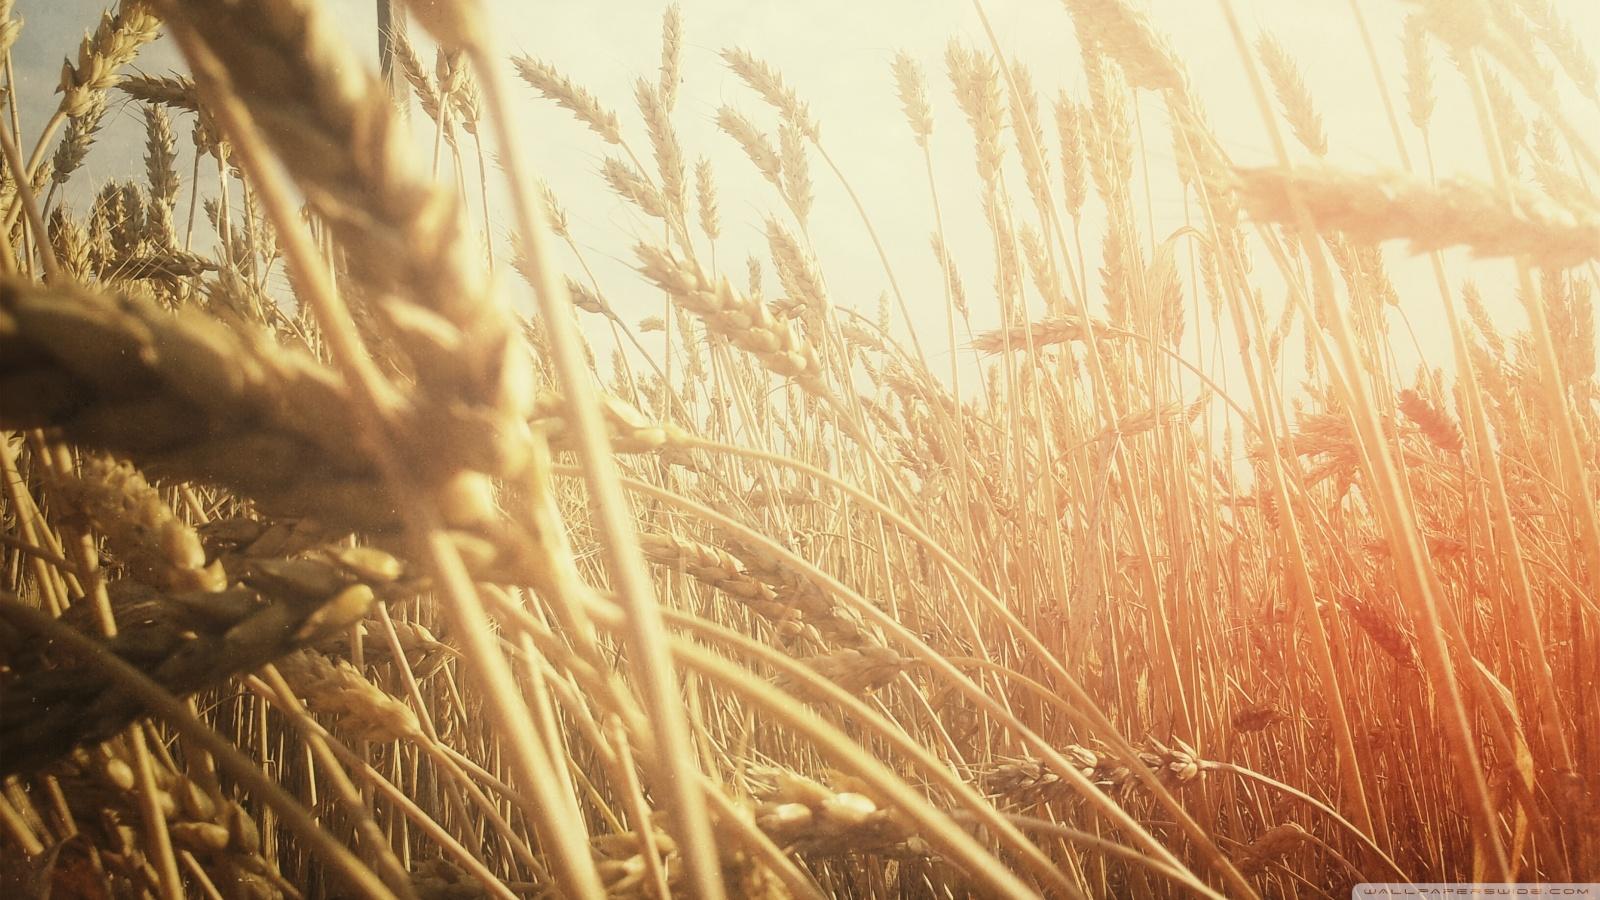 grain_field-wallpaper-1600x900